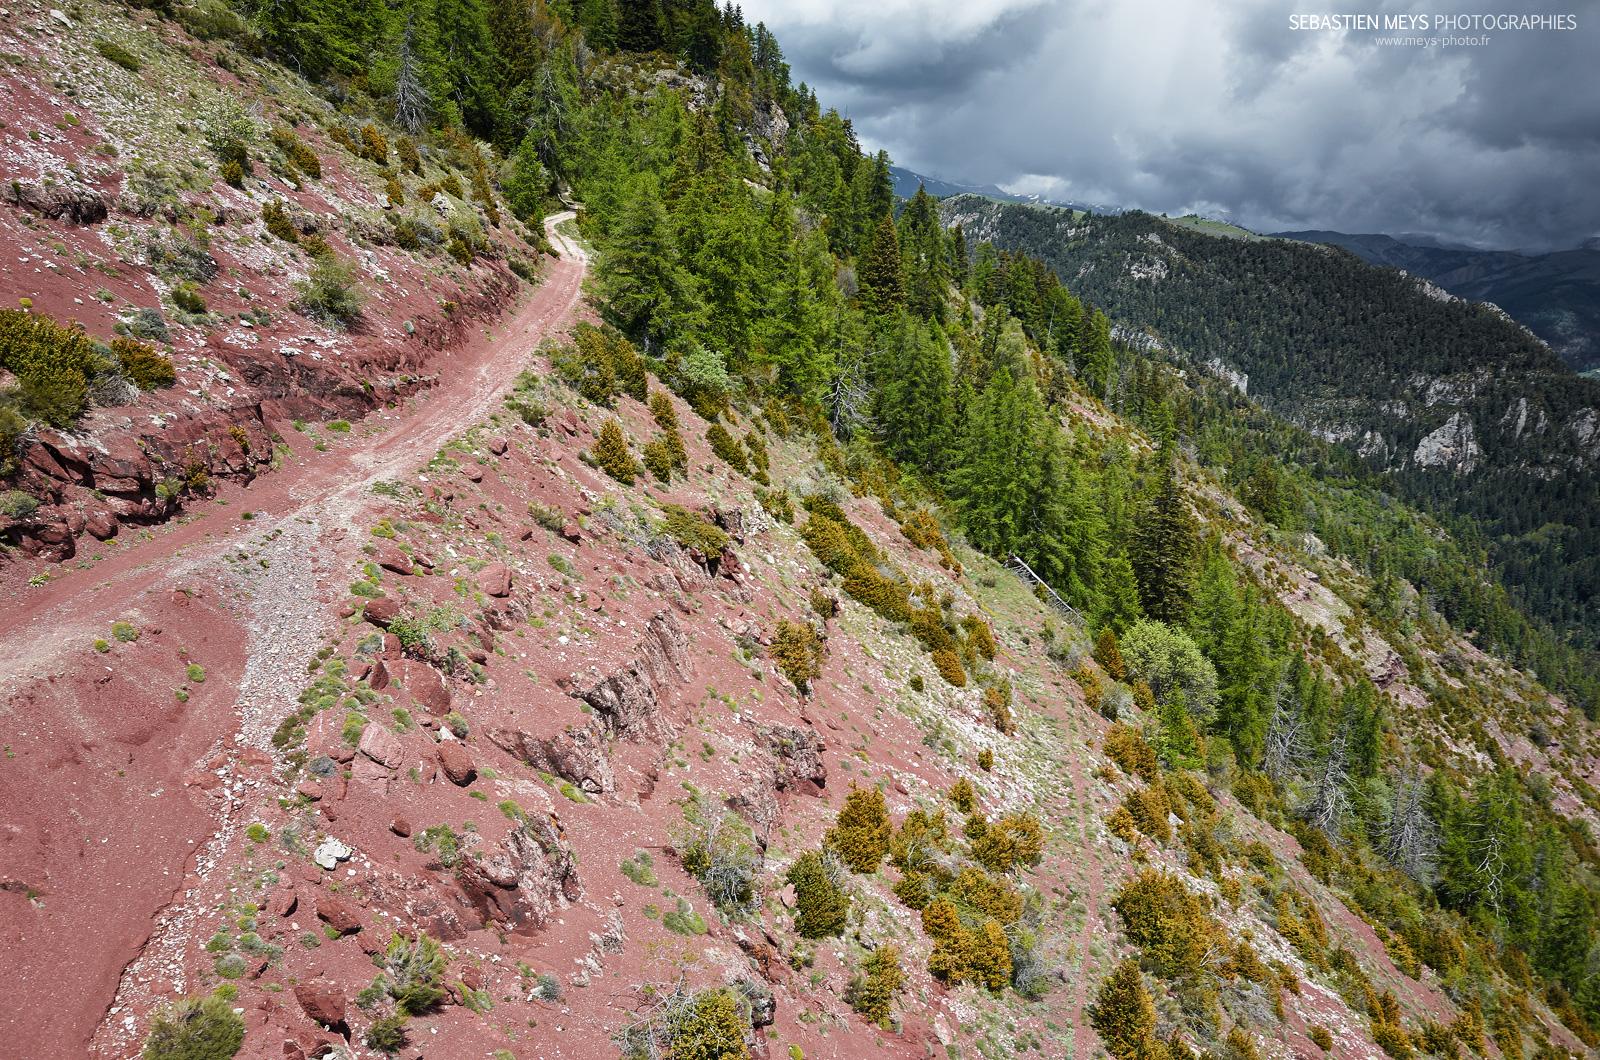 Illion path